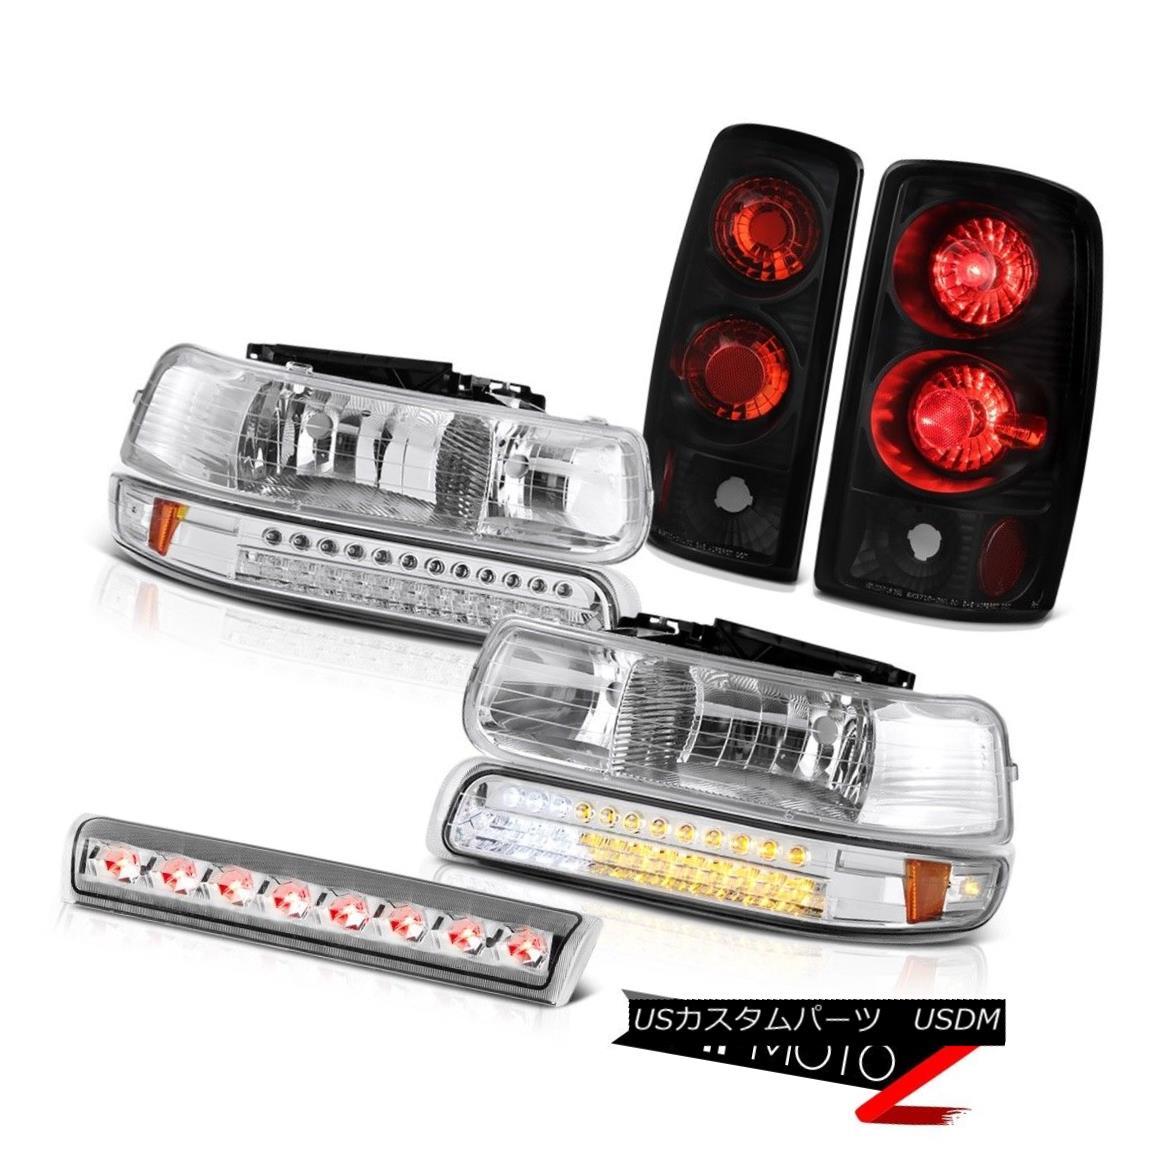 ヘッドライト 00 01 02 03 04 05 06 Tahoe LED Parking Headlight Black Reverse Light Brake Cargo 00 01 02 03 04 05 06タホーパーキングヘッドライトブラック逆光ブレーキ貨物